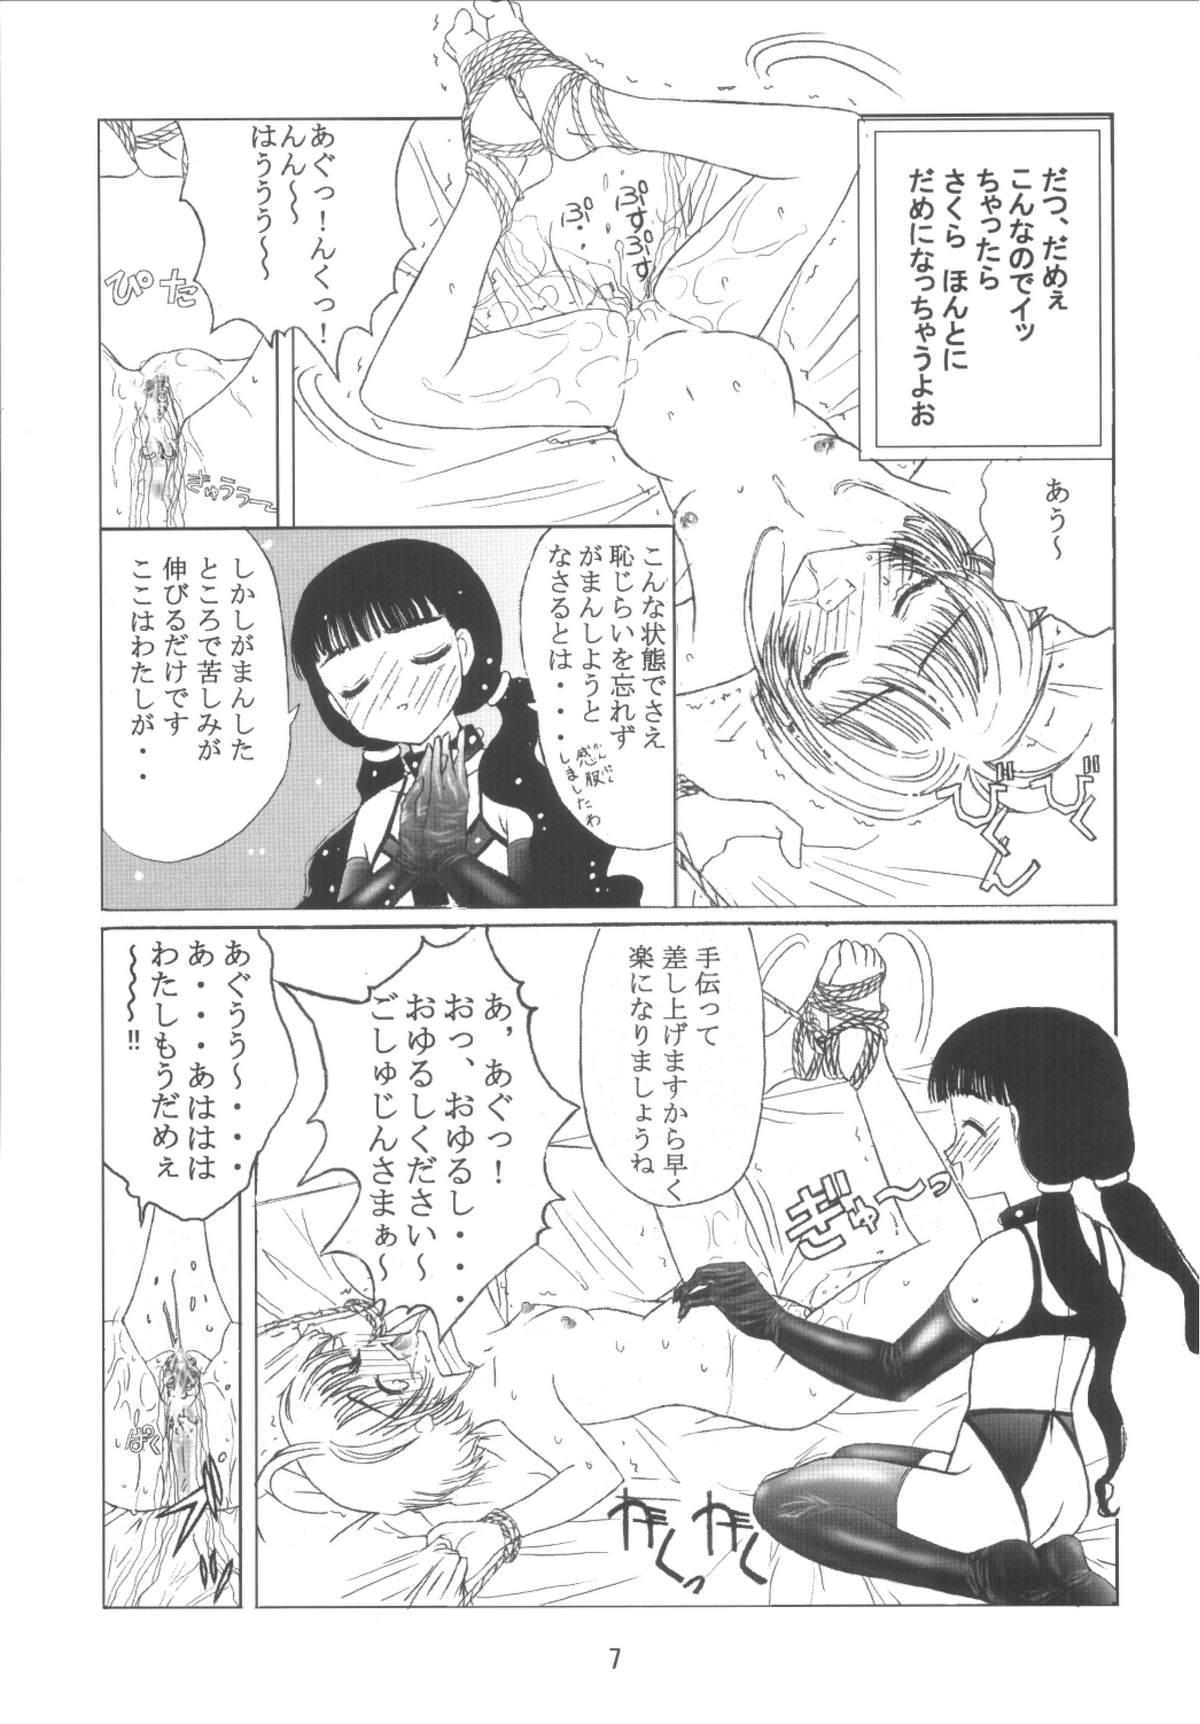 Kuuronziyou 10 Sakura-chan de Asobou 5 6